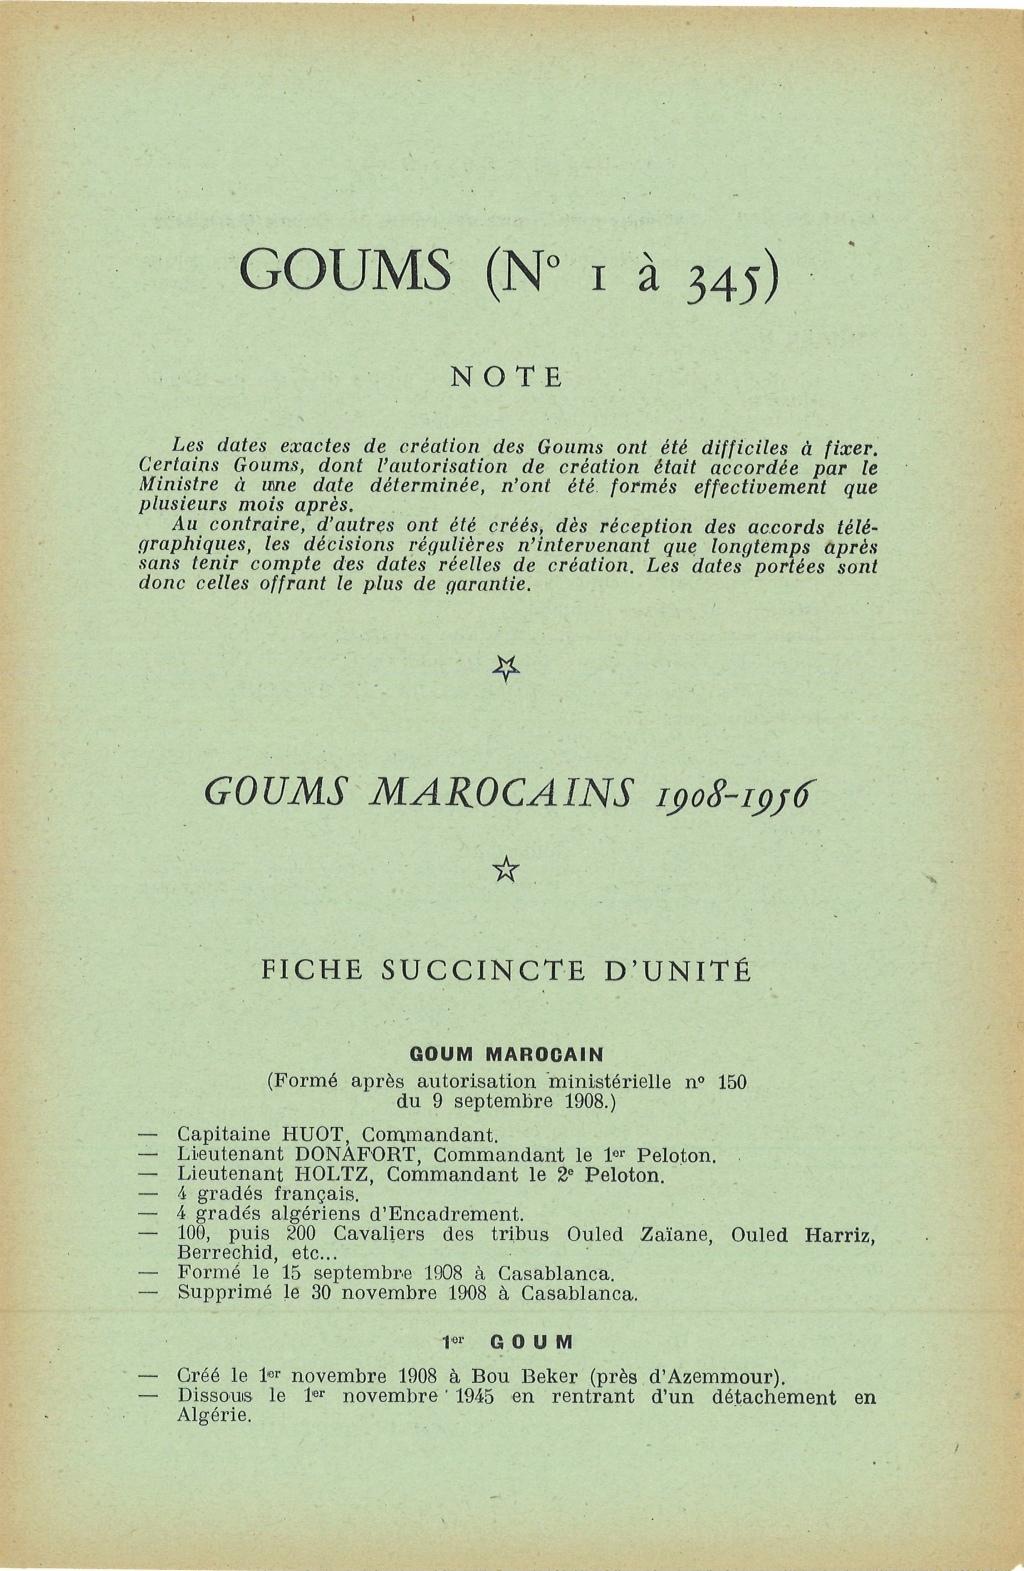 12 mai 1956 - Dissolution des Goumiers & integration aux FAR La_kou10